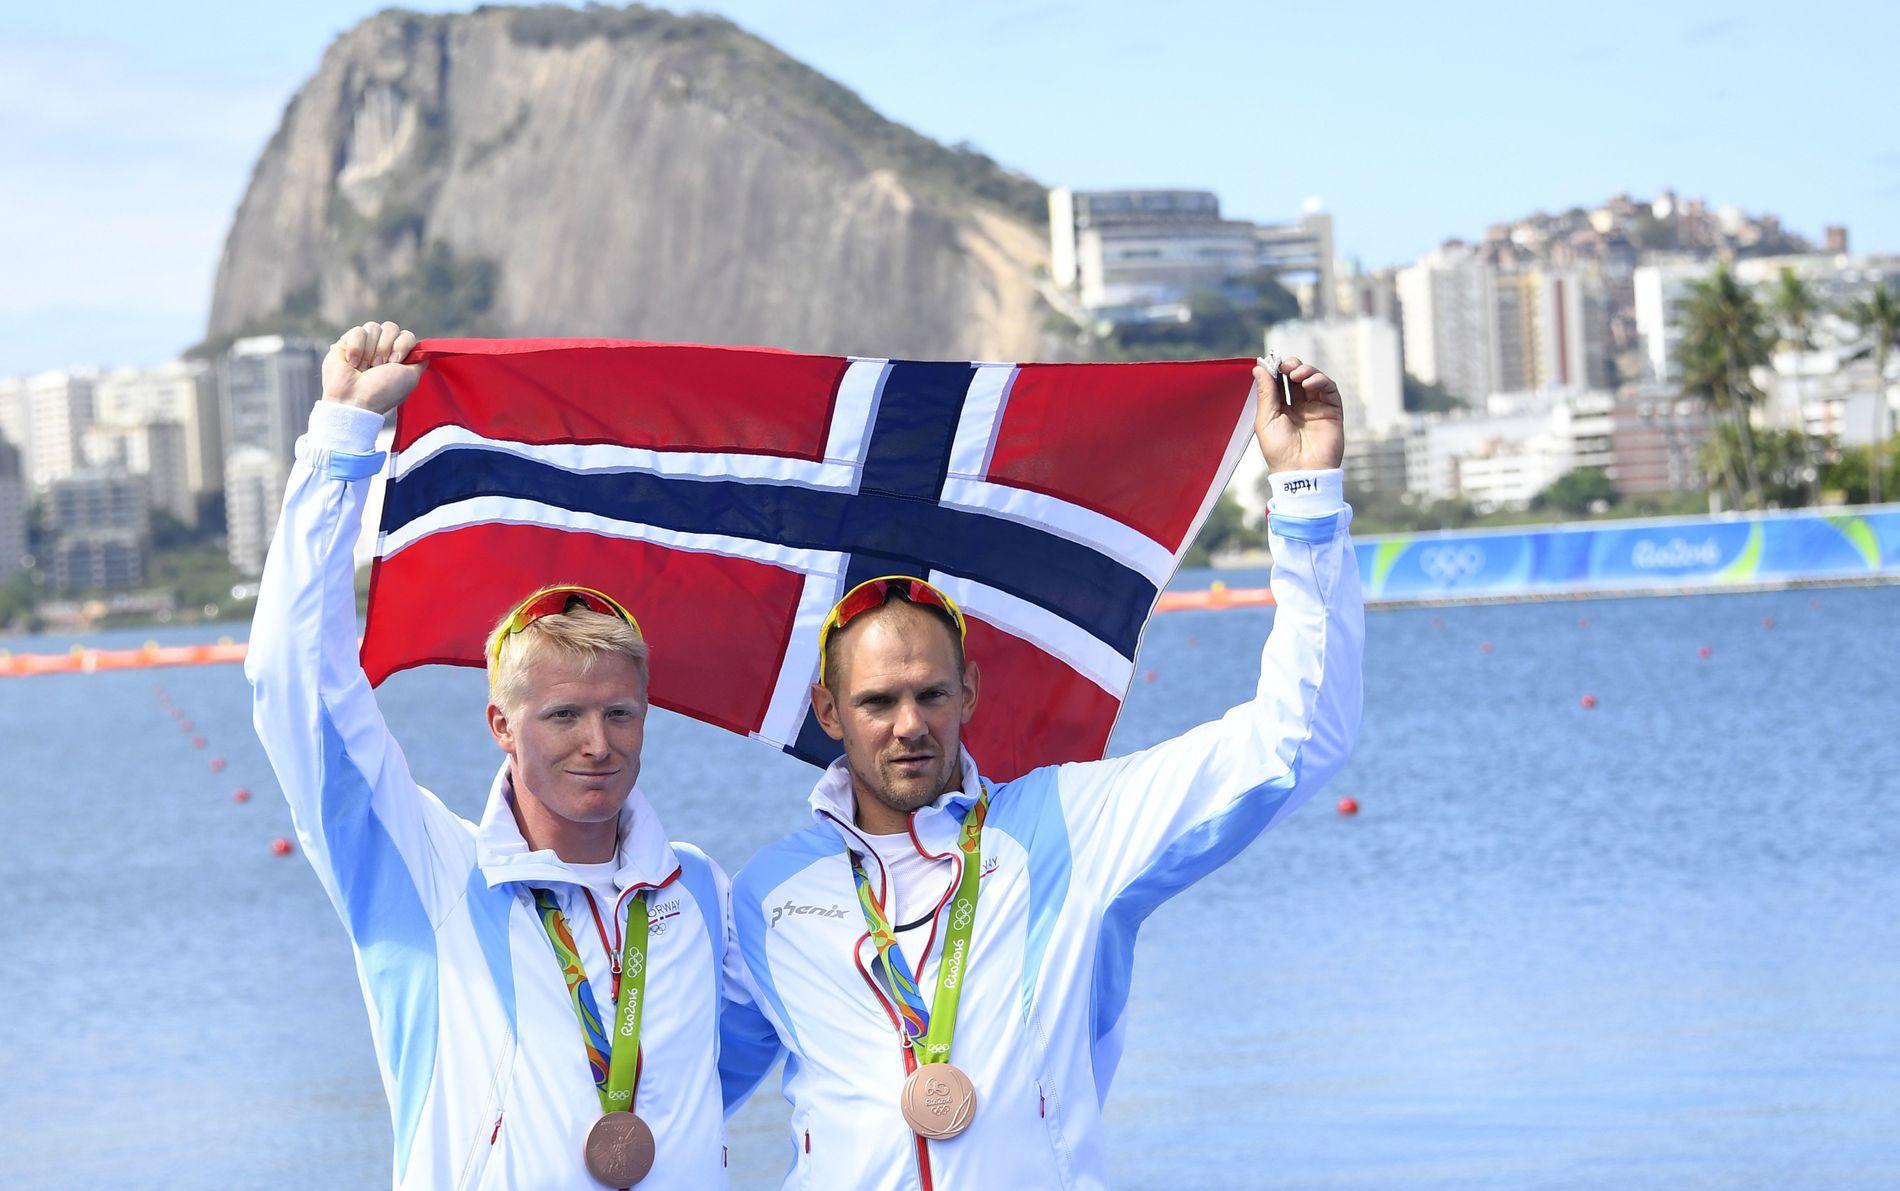 MEDALJEN SOM SUKRET PILLEN: Kjetil Borch (til v.) og Olaf Tufte feirer bronsen i Rio. Duoen hadde håp om gull.